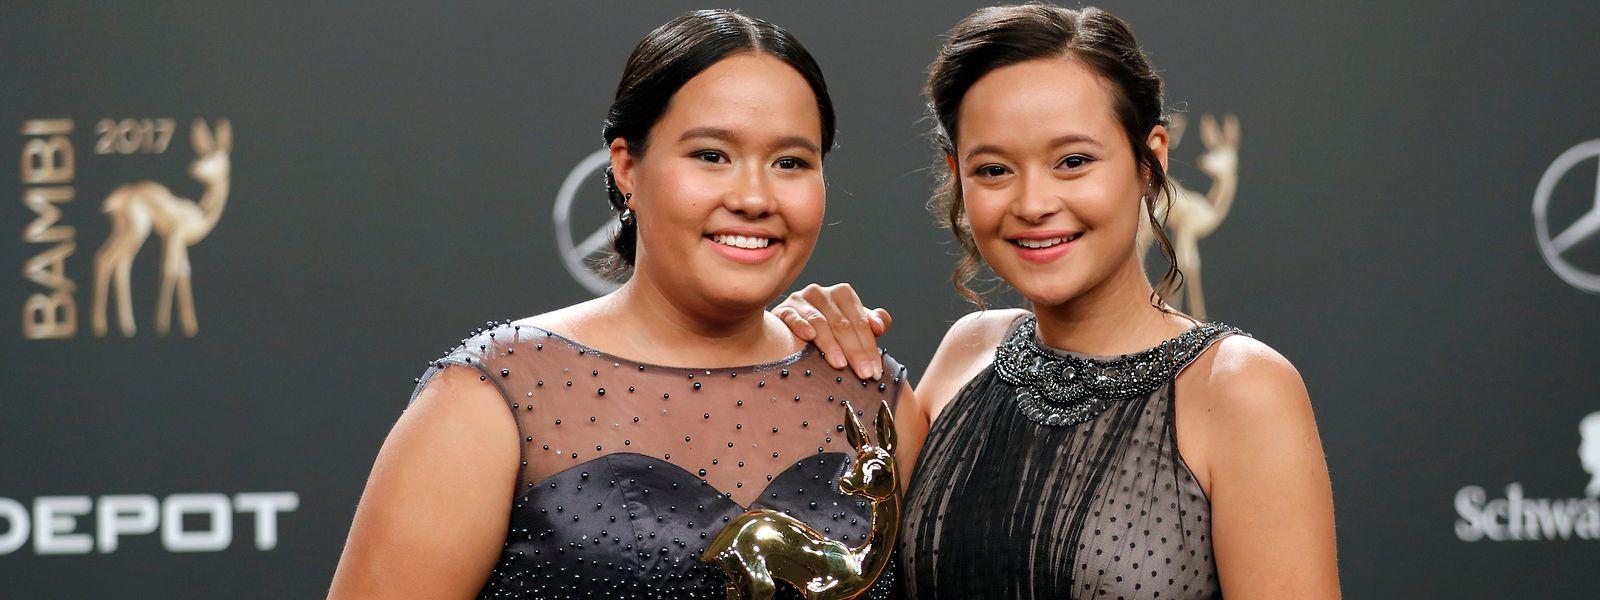 Isabel (l.) und Melati Wijsen wurden für ihr Engagement schon mehrfach ausgezeichnet, unter anderem mit dem deutschen Medienpreis Bambi. Die auf Bali lebenden Teenager gründeten die NGO Bye Bye Plastic Bags im Alter von zehn und zwölf Jahren.